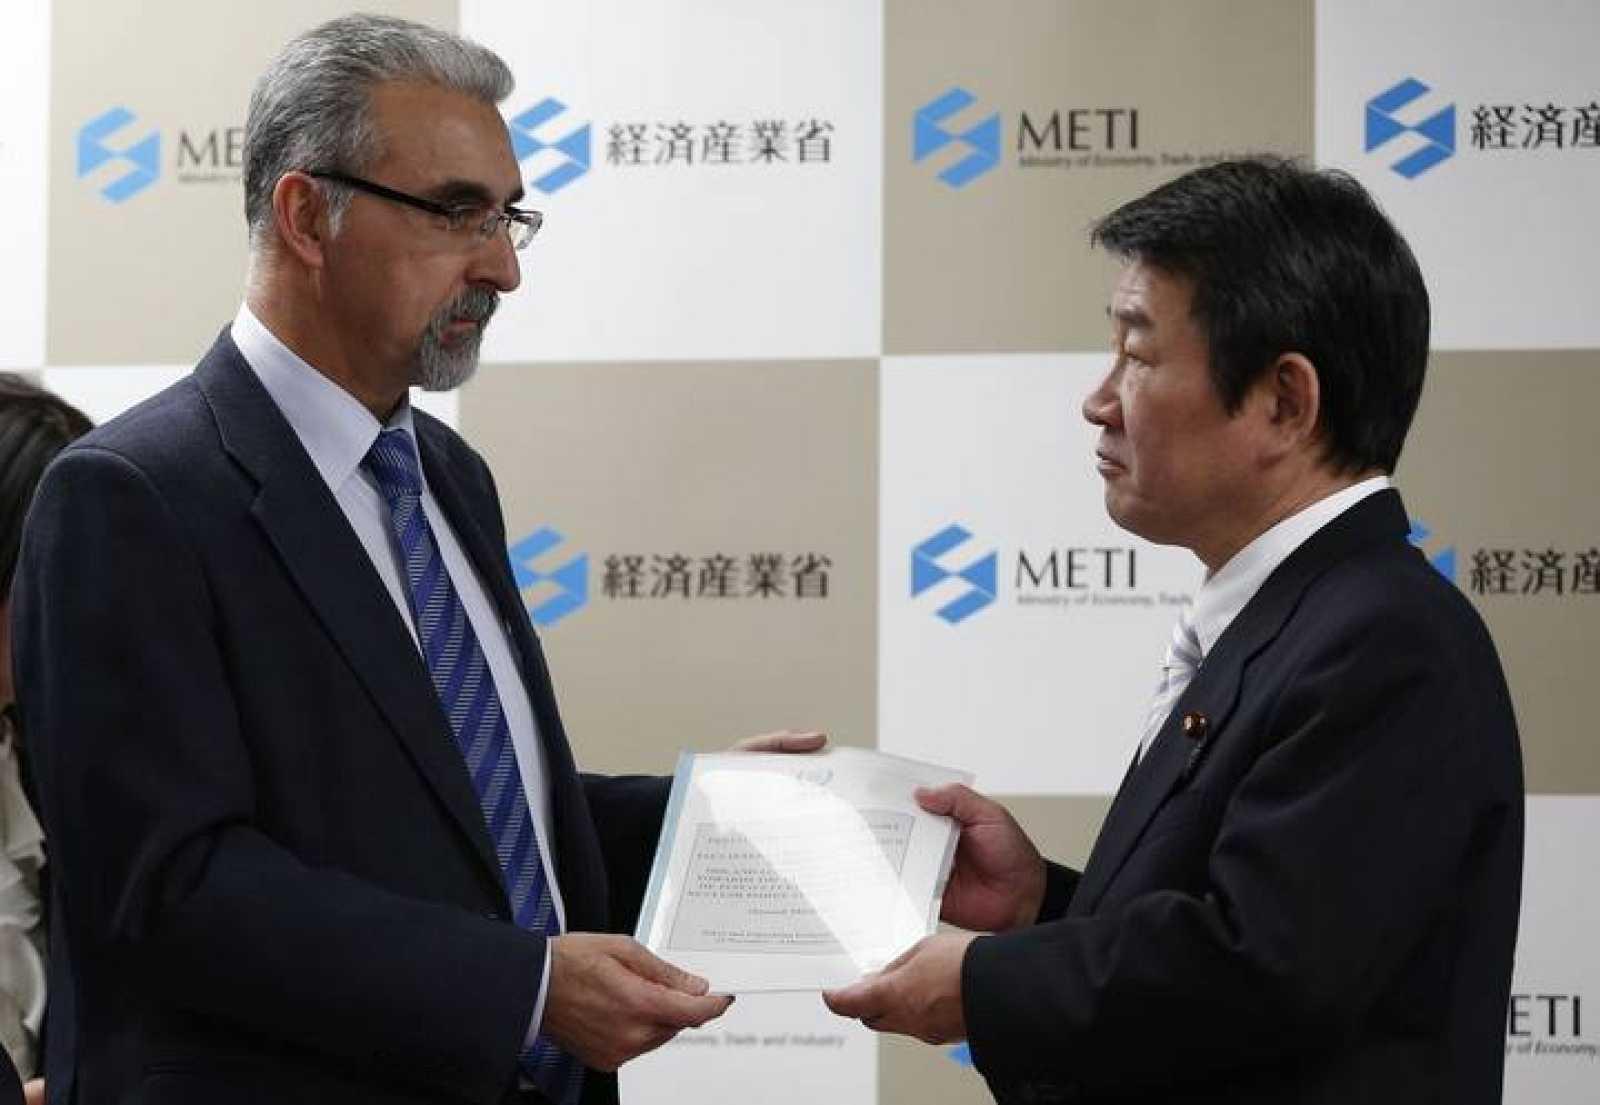 El español Juan Carlos Lentijo, jefe de la misión de observación del OIEA, entrega su informe sobre Fukushima al ministro de Economía, Comercio e Industria, Toshimitsu Motegi, en Tokio